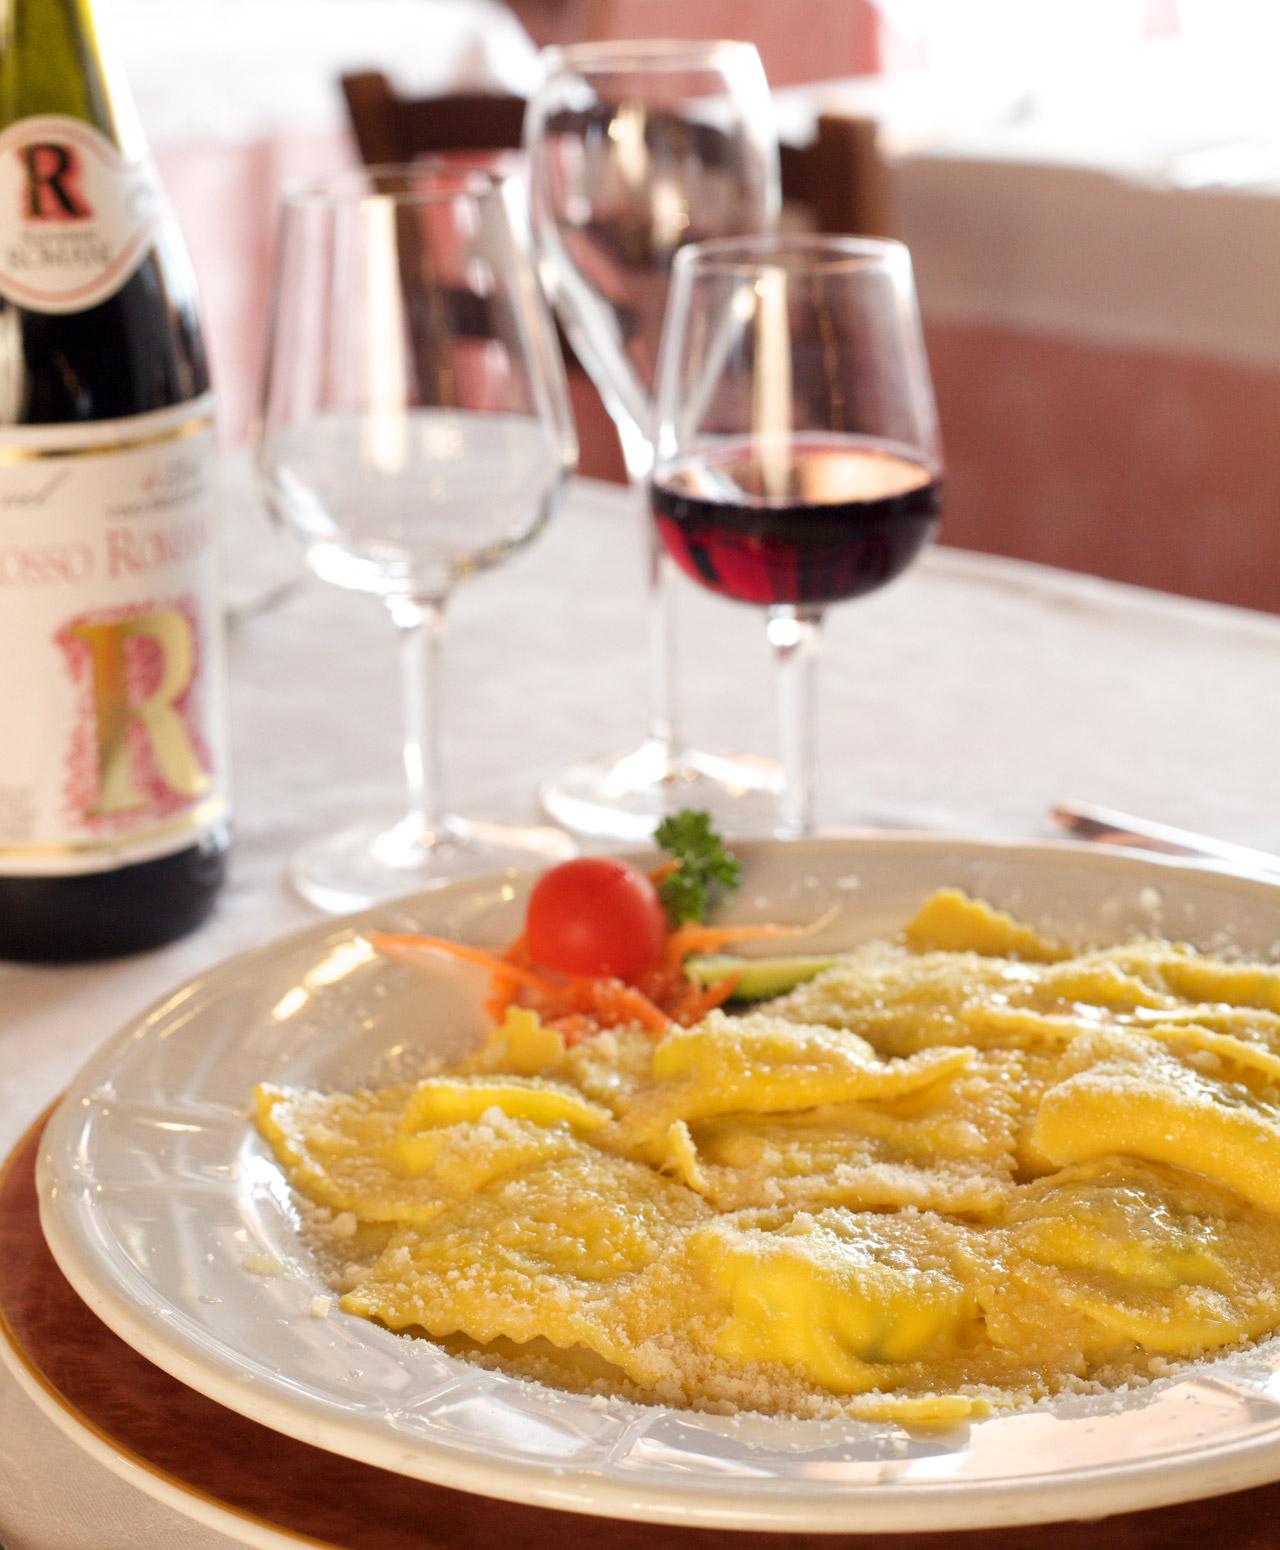 Primi piatti ristorante romani for Piatti ristorante